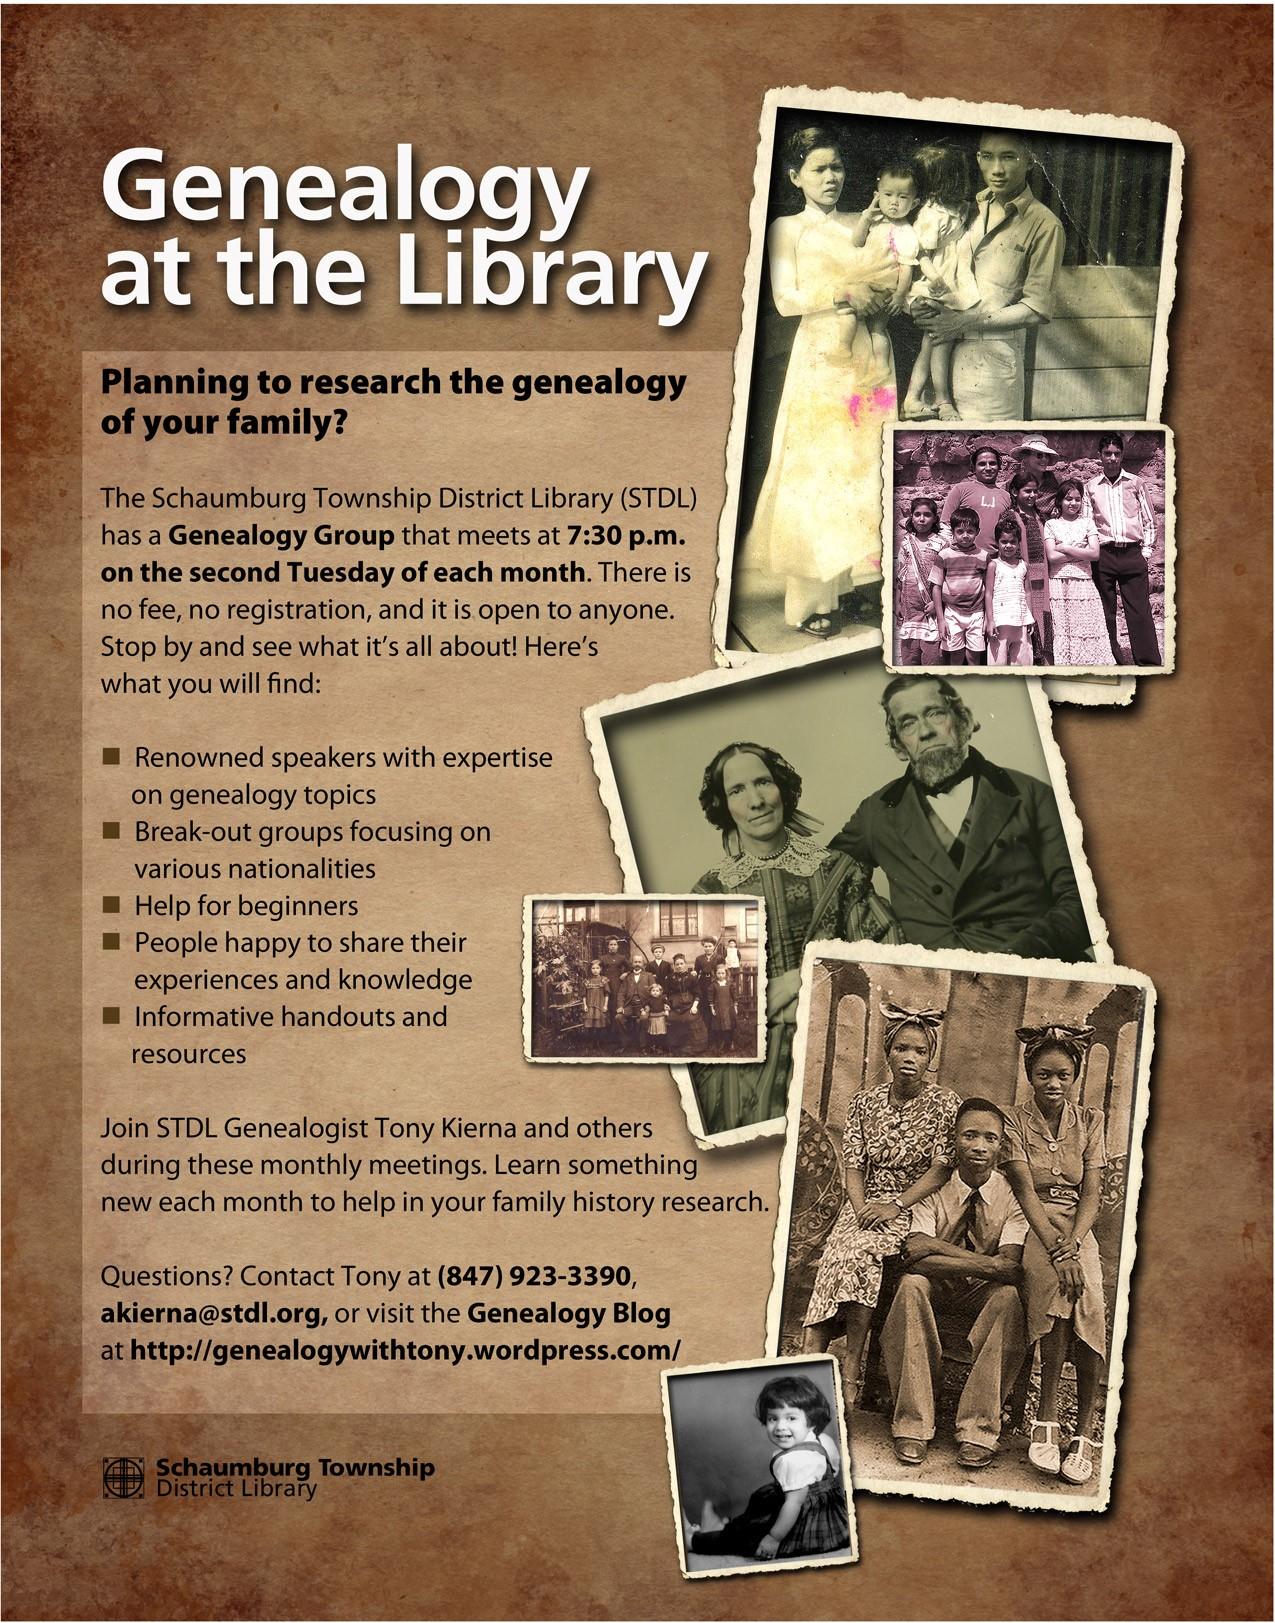 Genealogy Program Flyer  Tonys Genealogy Blog at the